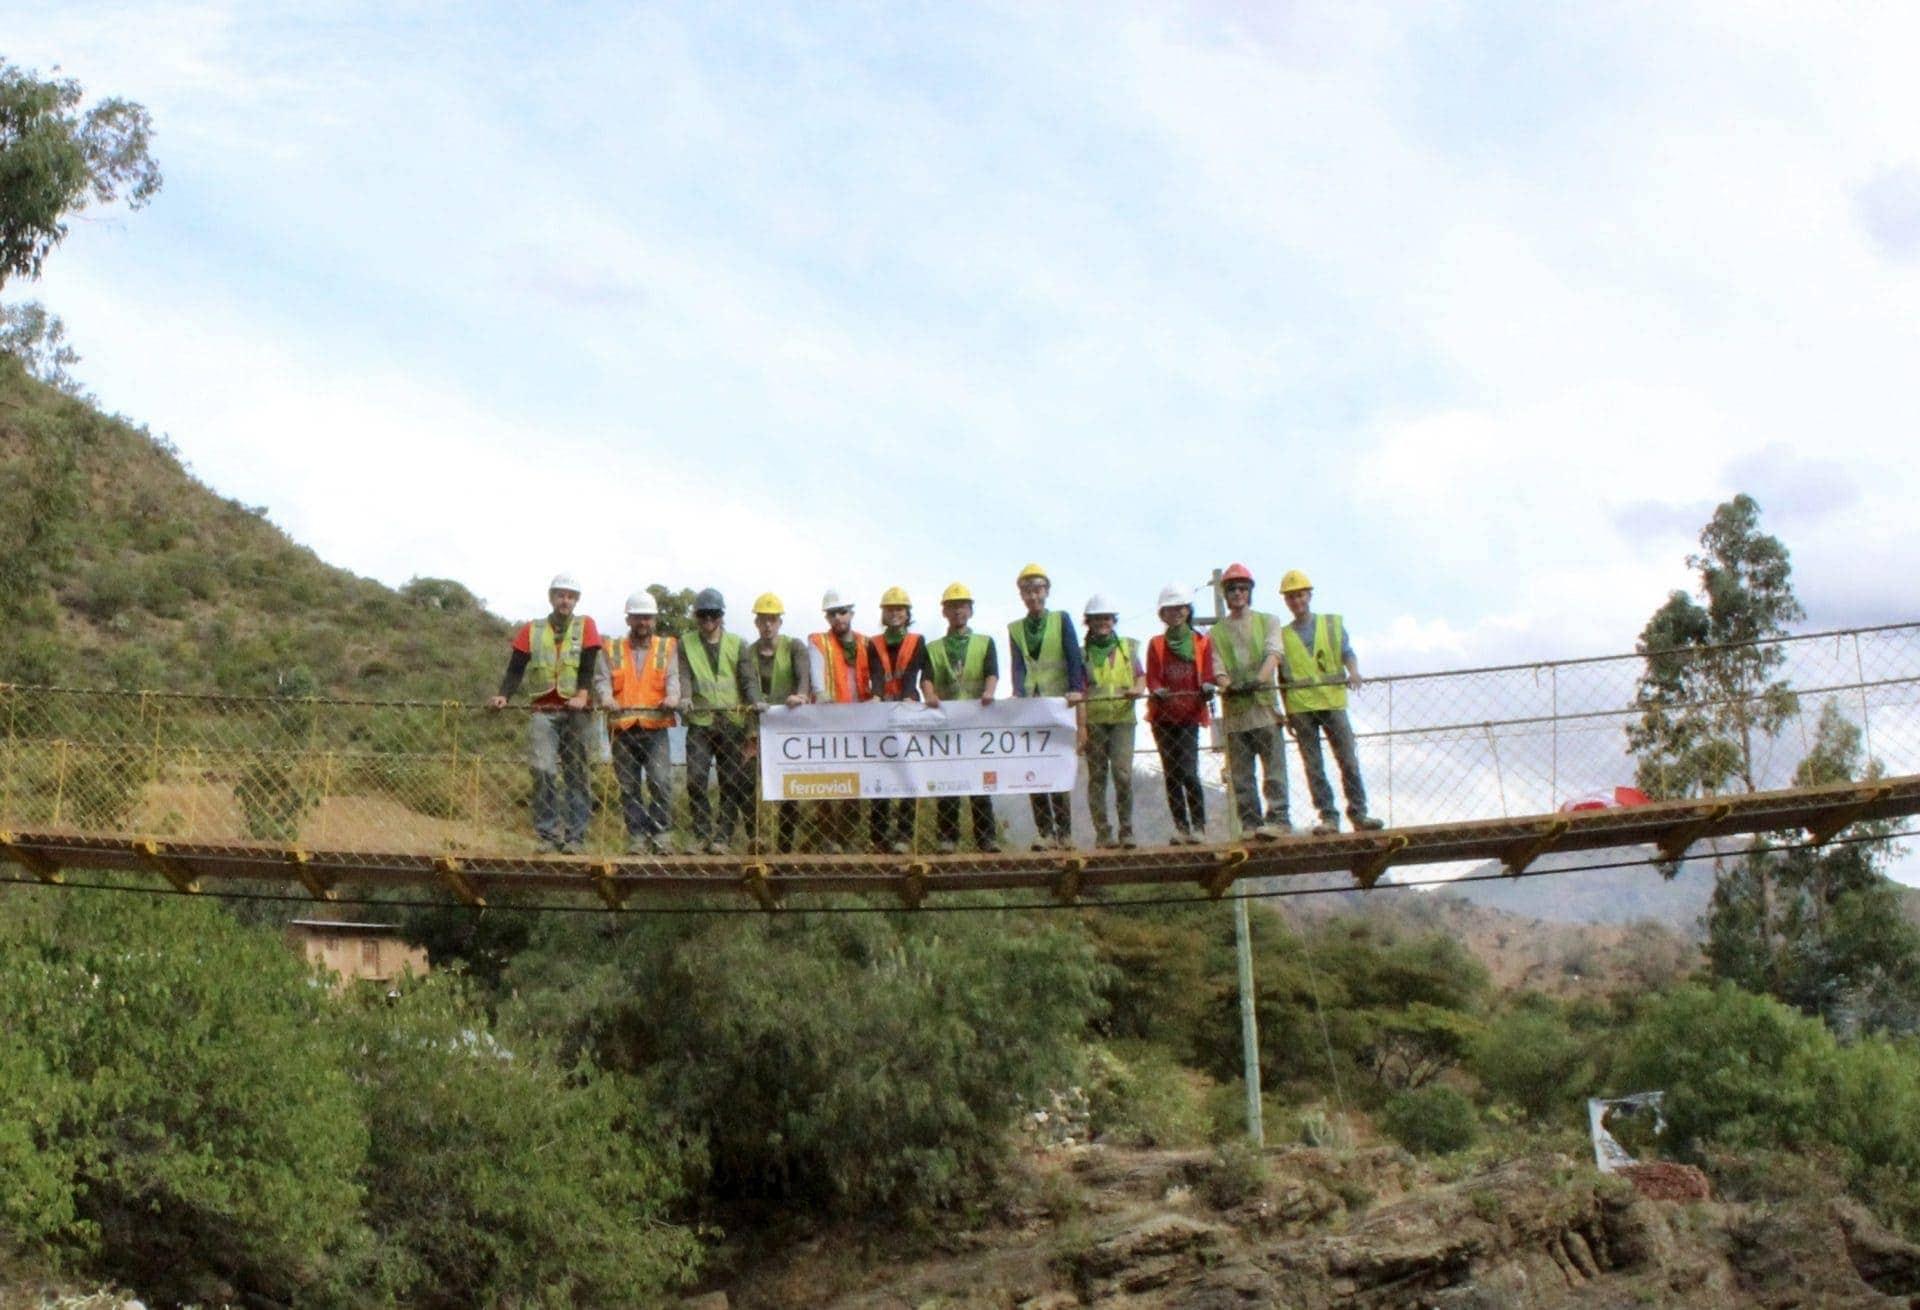 puente colgante chillcani bolivia